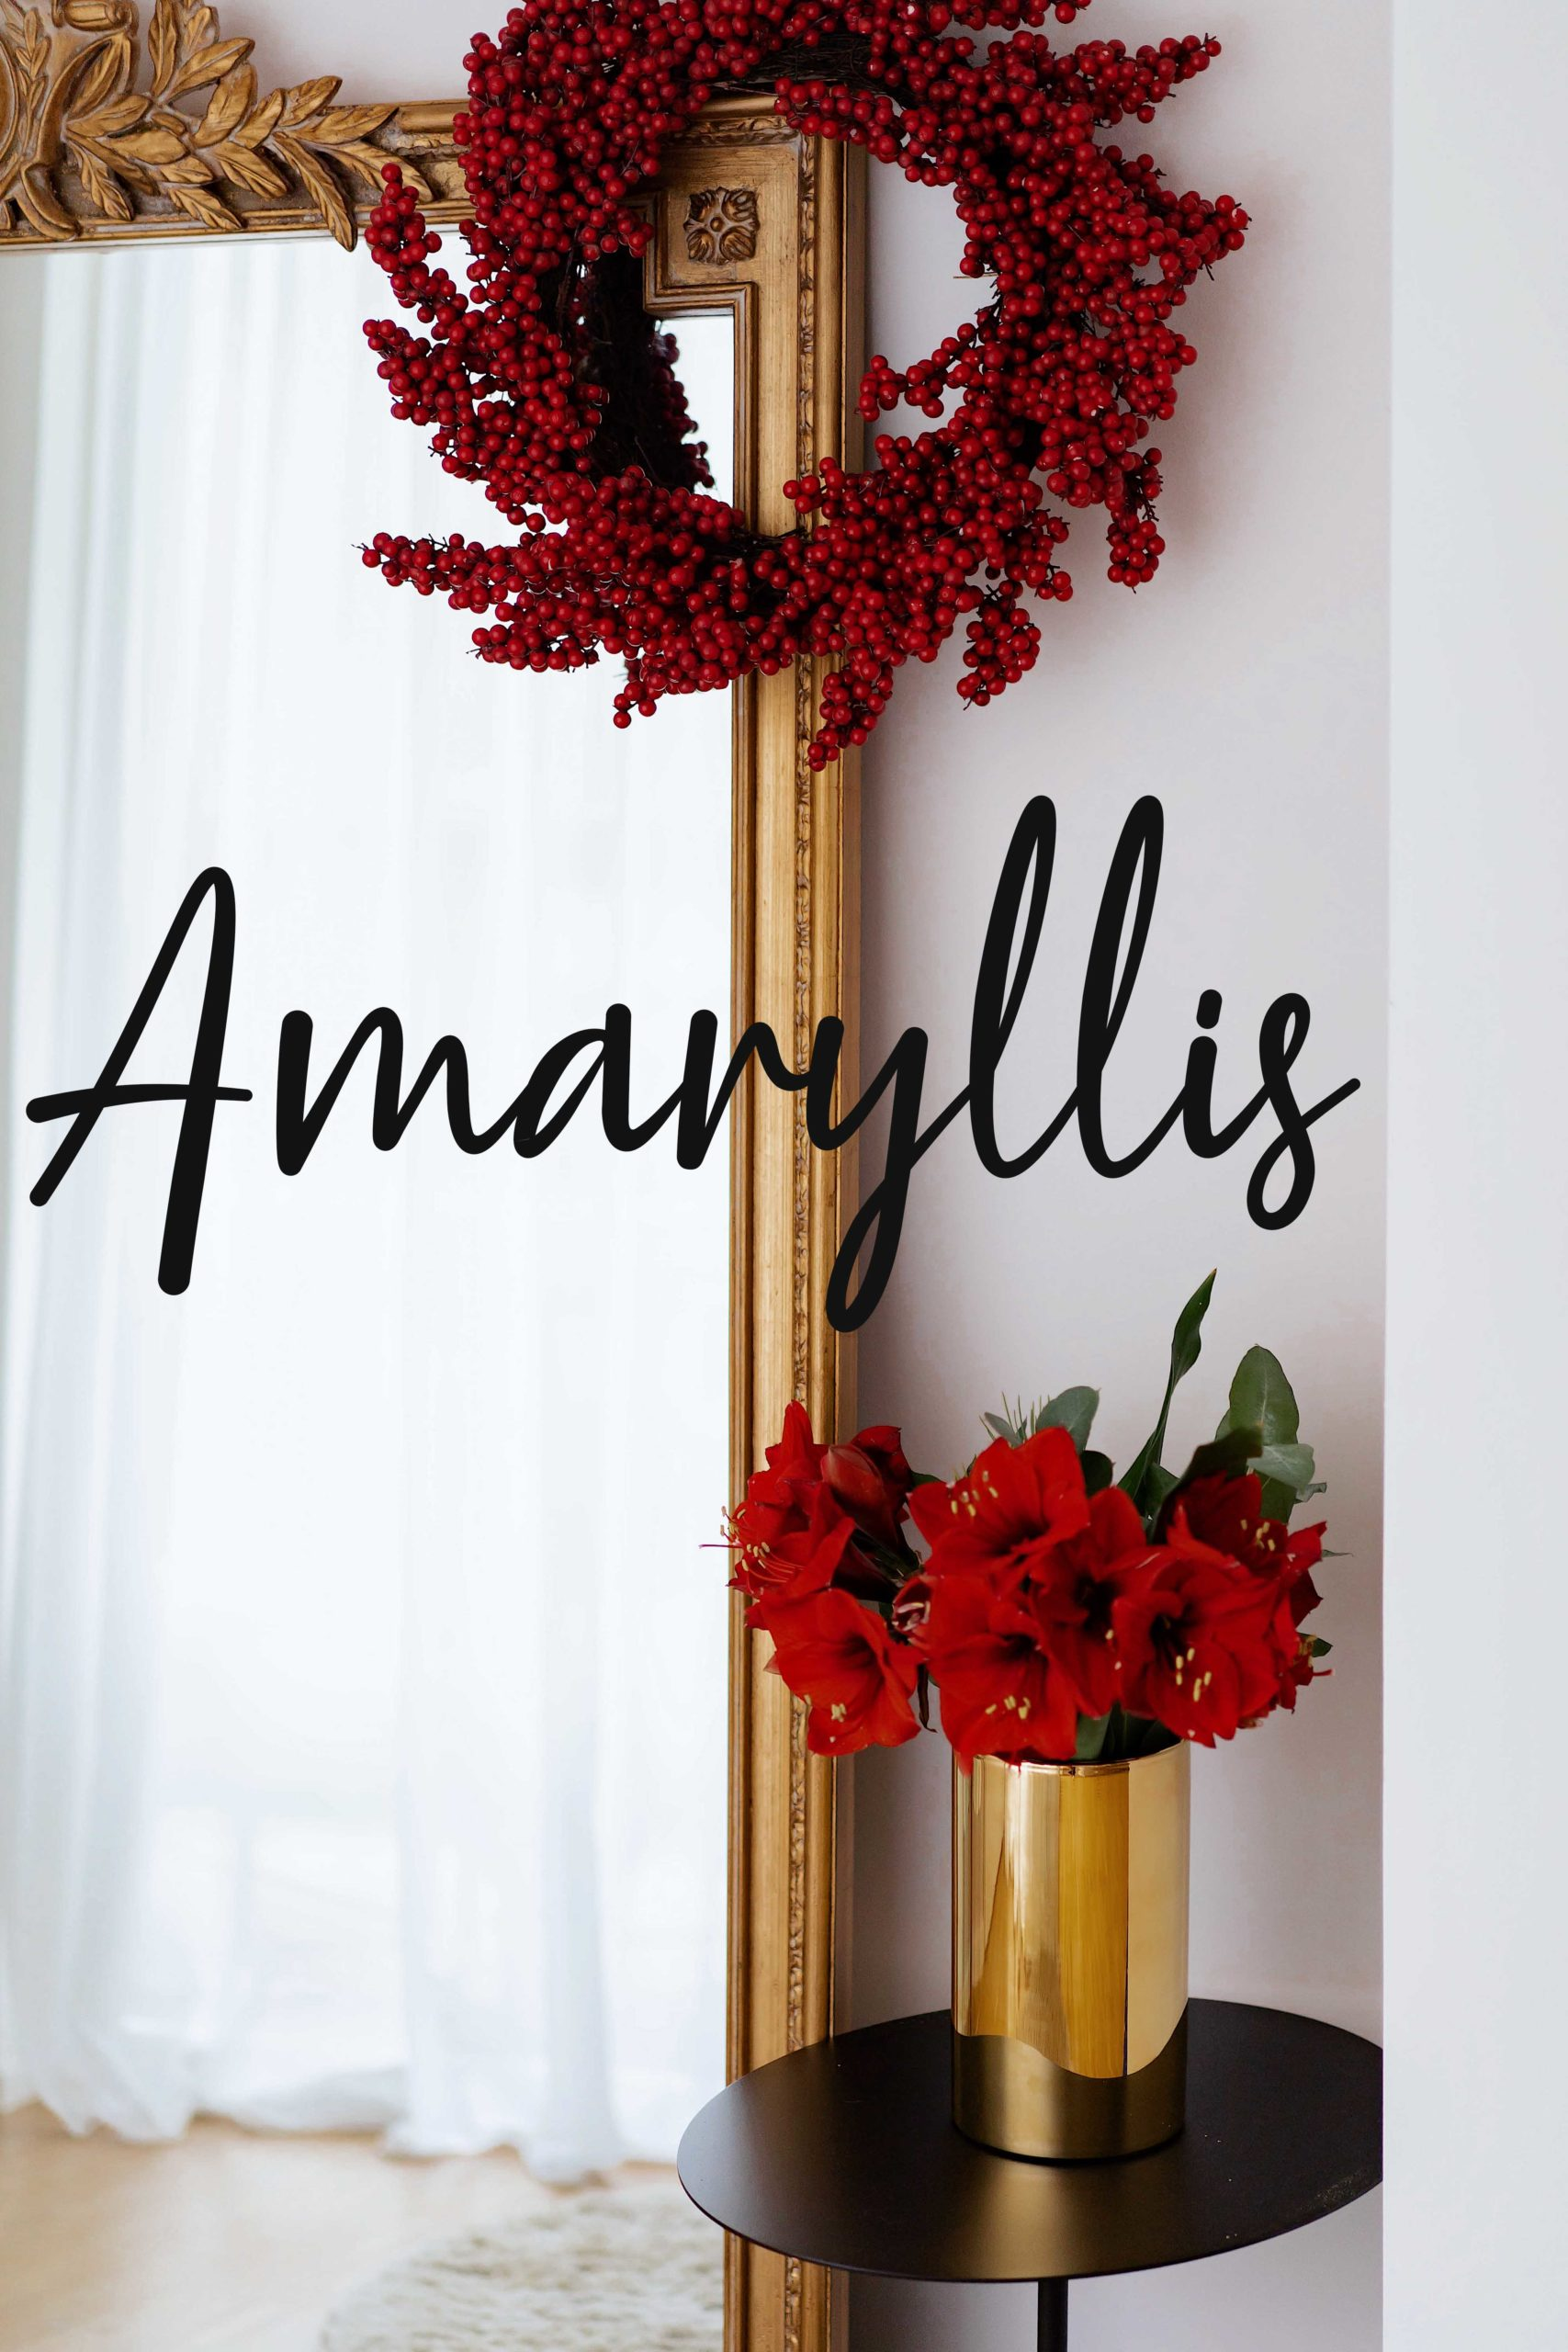 Blume2000de online Amaryllis shoppen